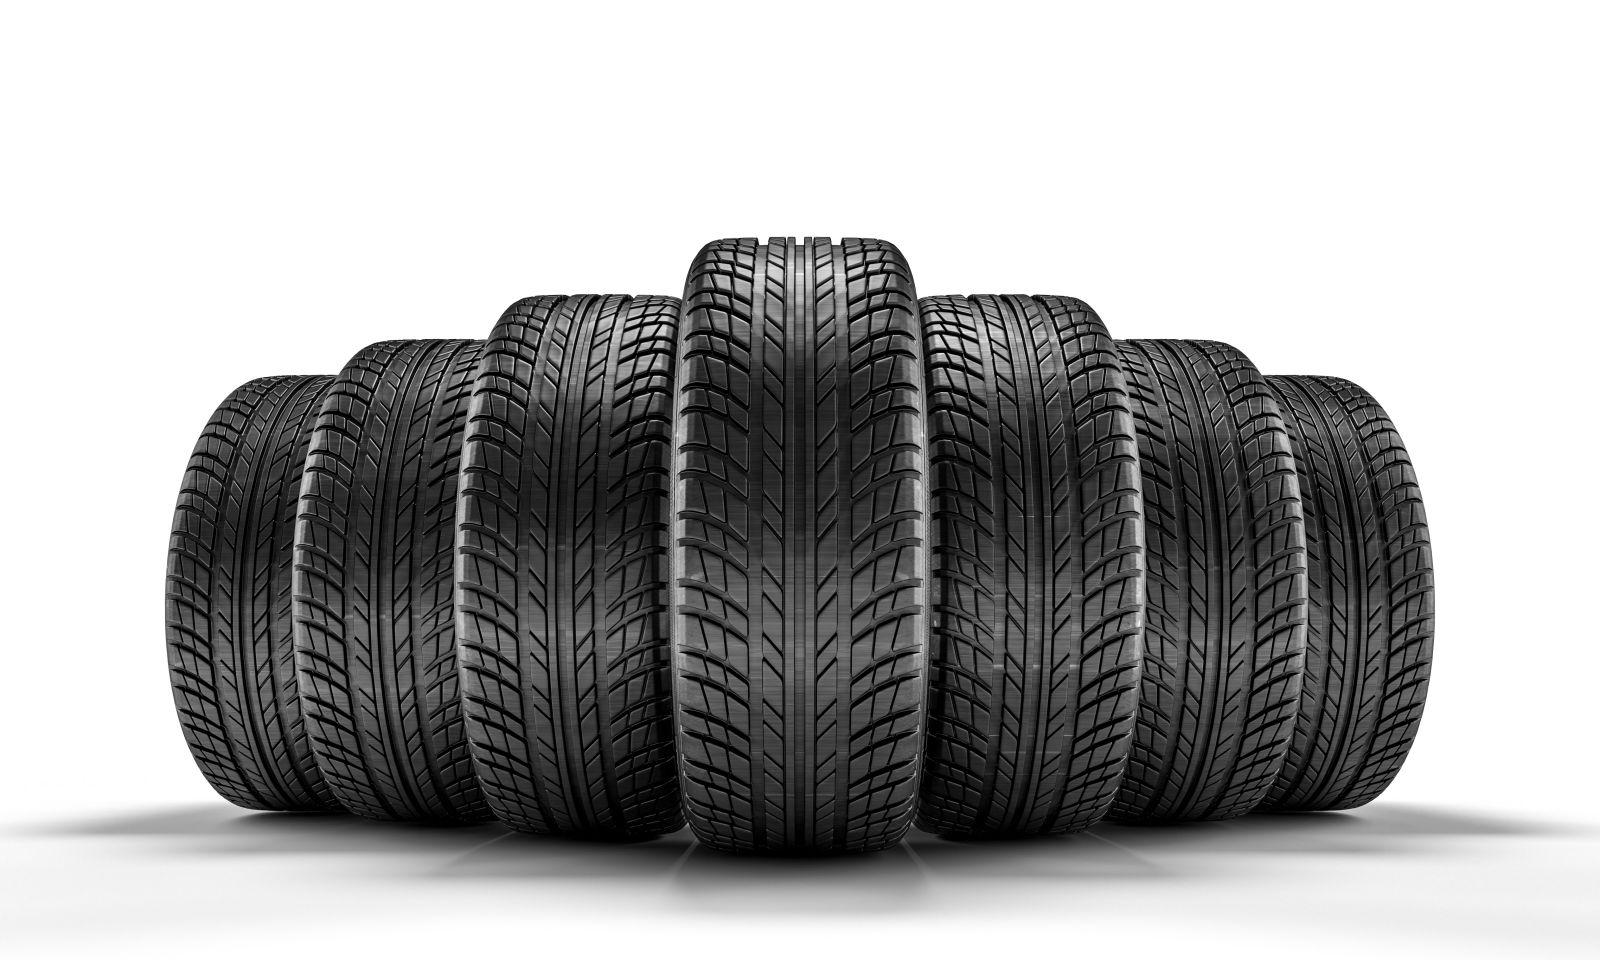 Tieto letné pneumatiky sa tento rok oplatí zvoliť